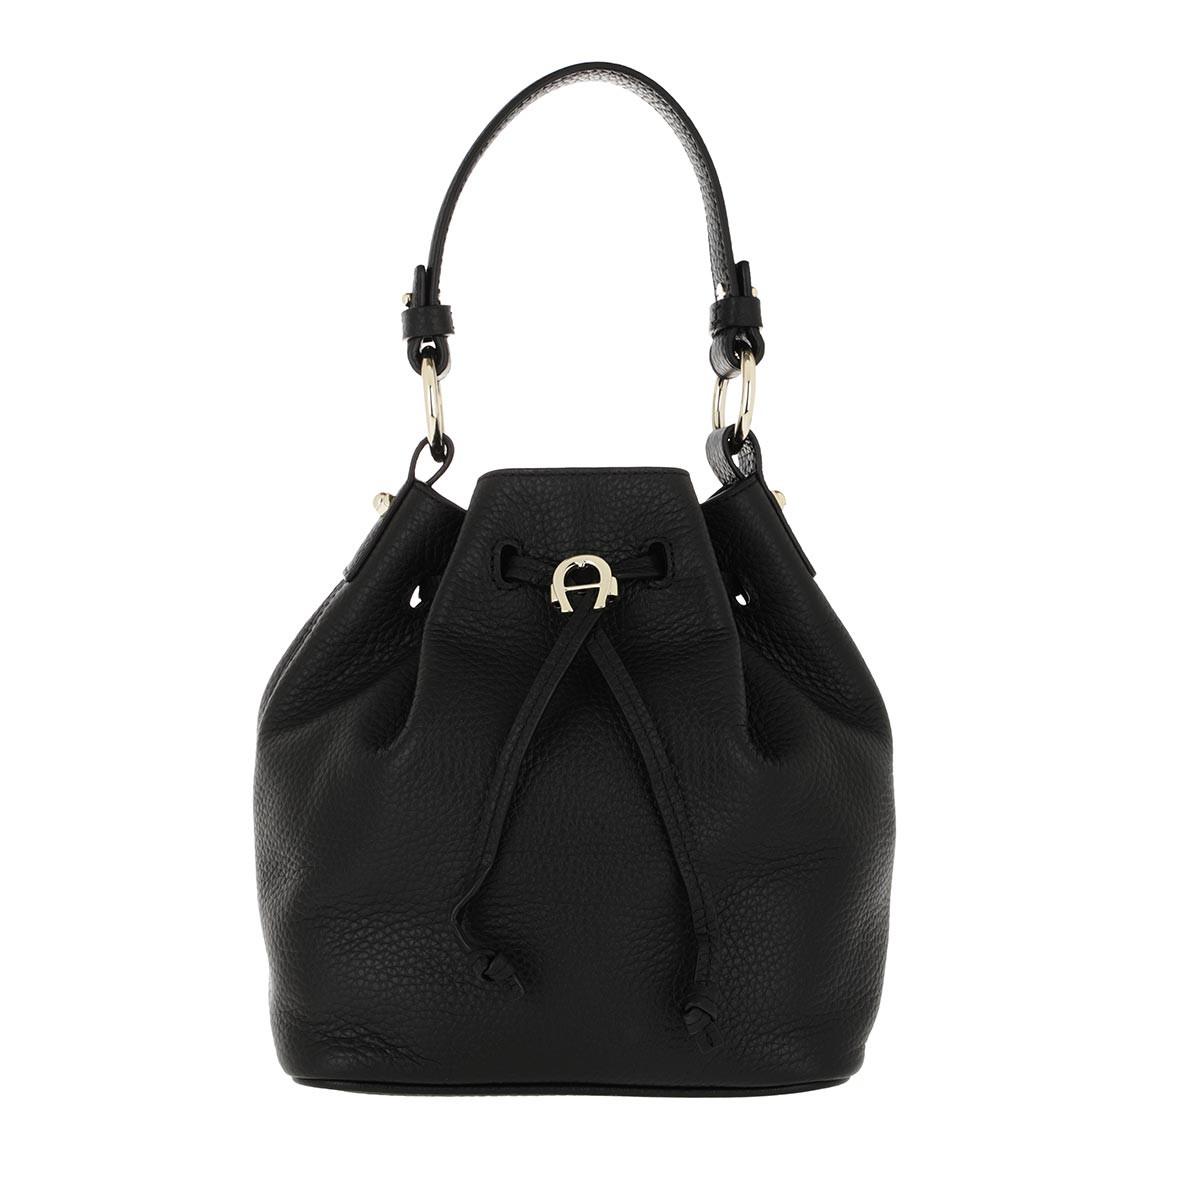 Aigner Beuteltasche - Tara Bucket Bag Black - in schwarz - für Damen